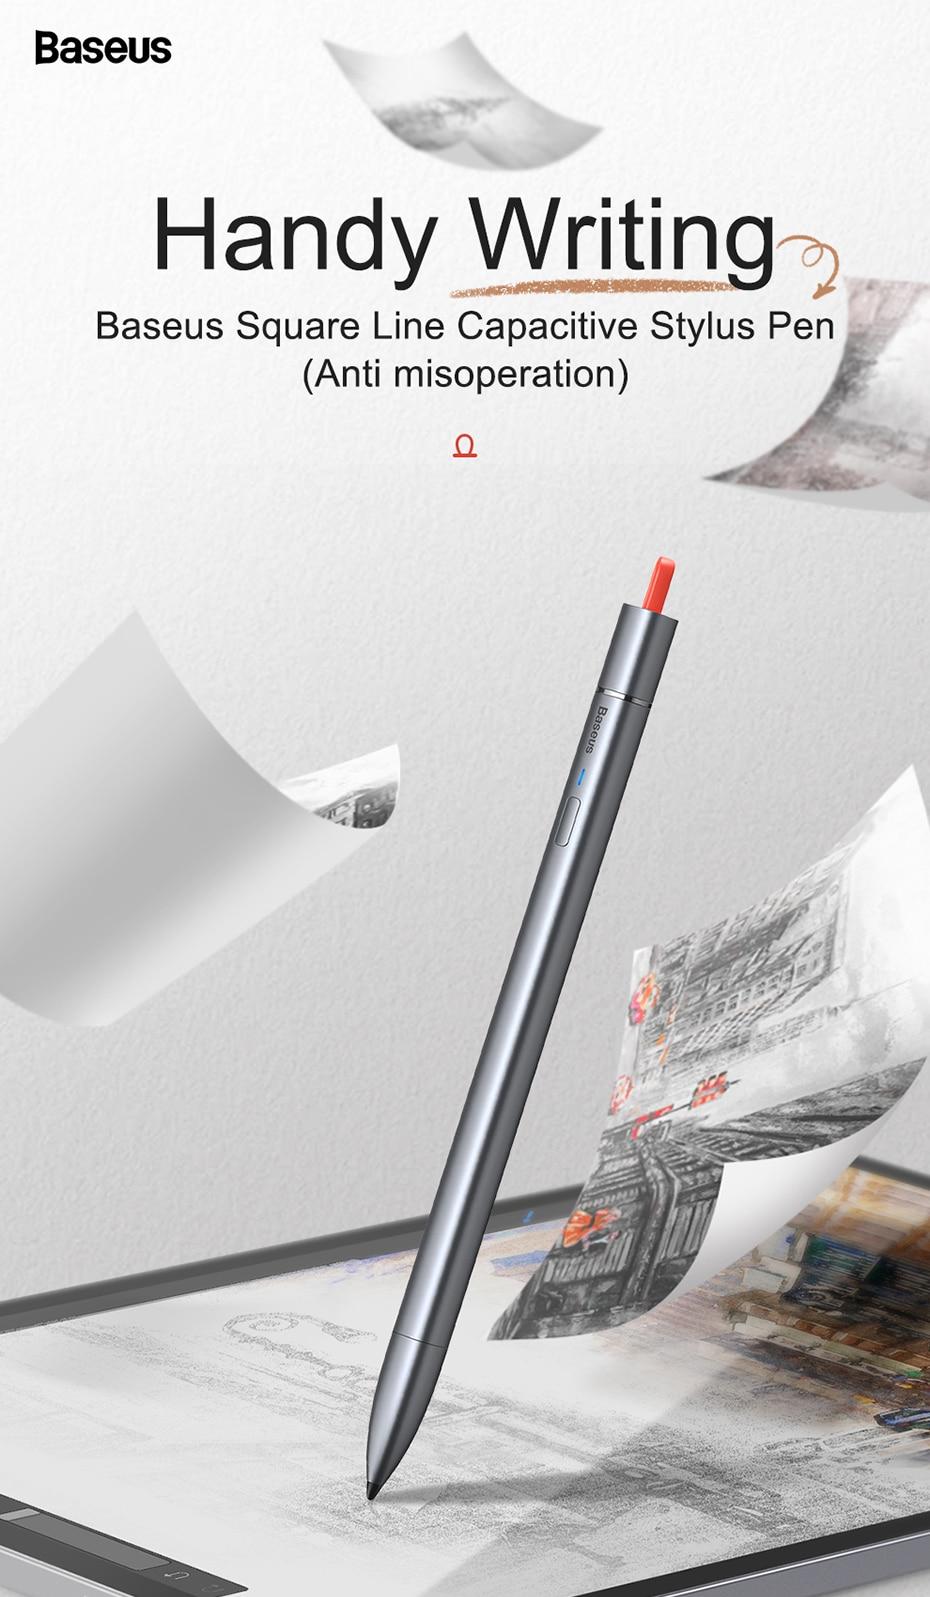 Baseus Square Line Capacitive Stylus Pen 6